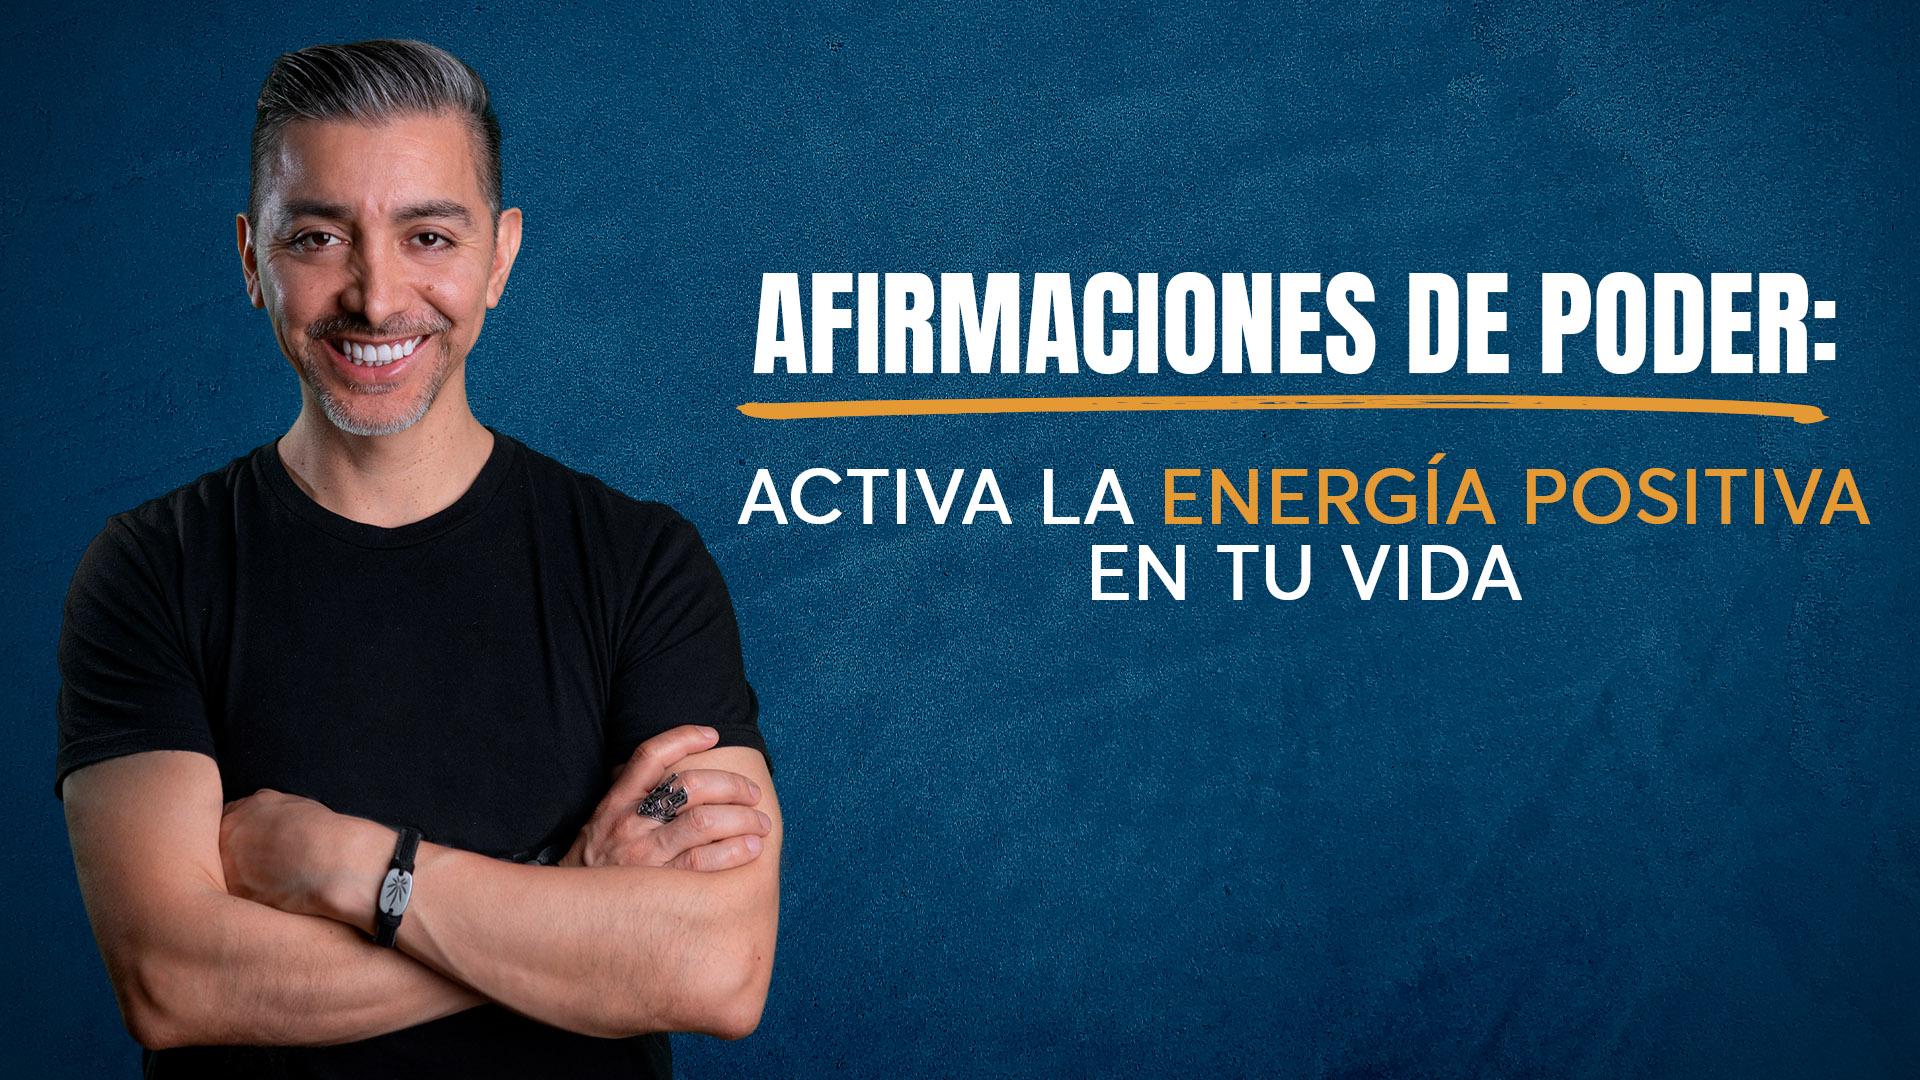 Afirmaciones de Poder activa la energía positiva en tu vida